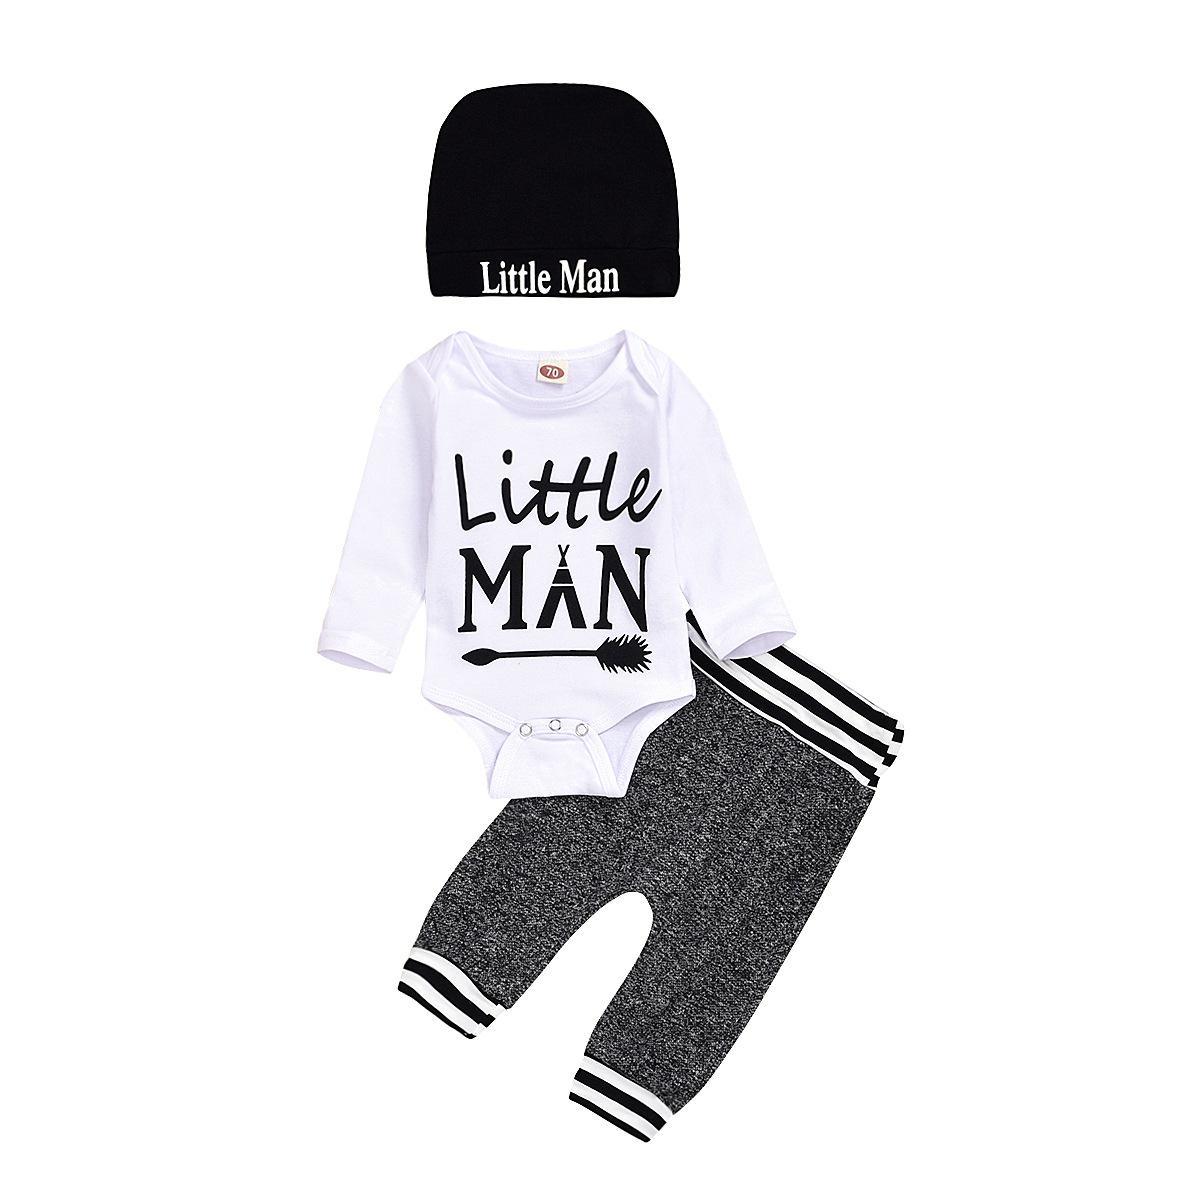 طفل رضيع رومبير مجموعة ملابس + سروال + قبعة طويلة الأكمام 3 قطع / لوط ليتل مان طفل الرضيع الجديد